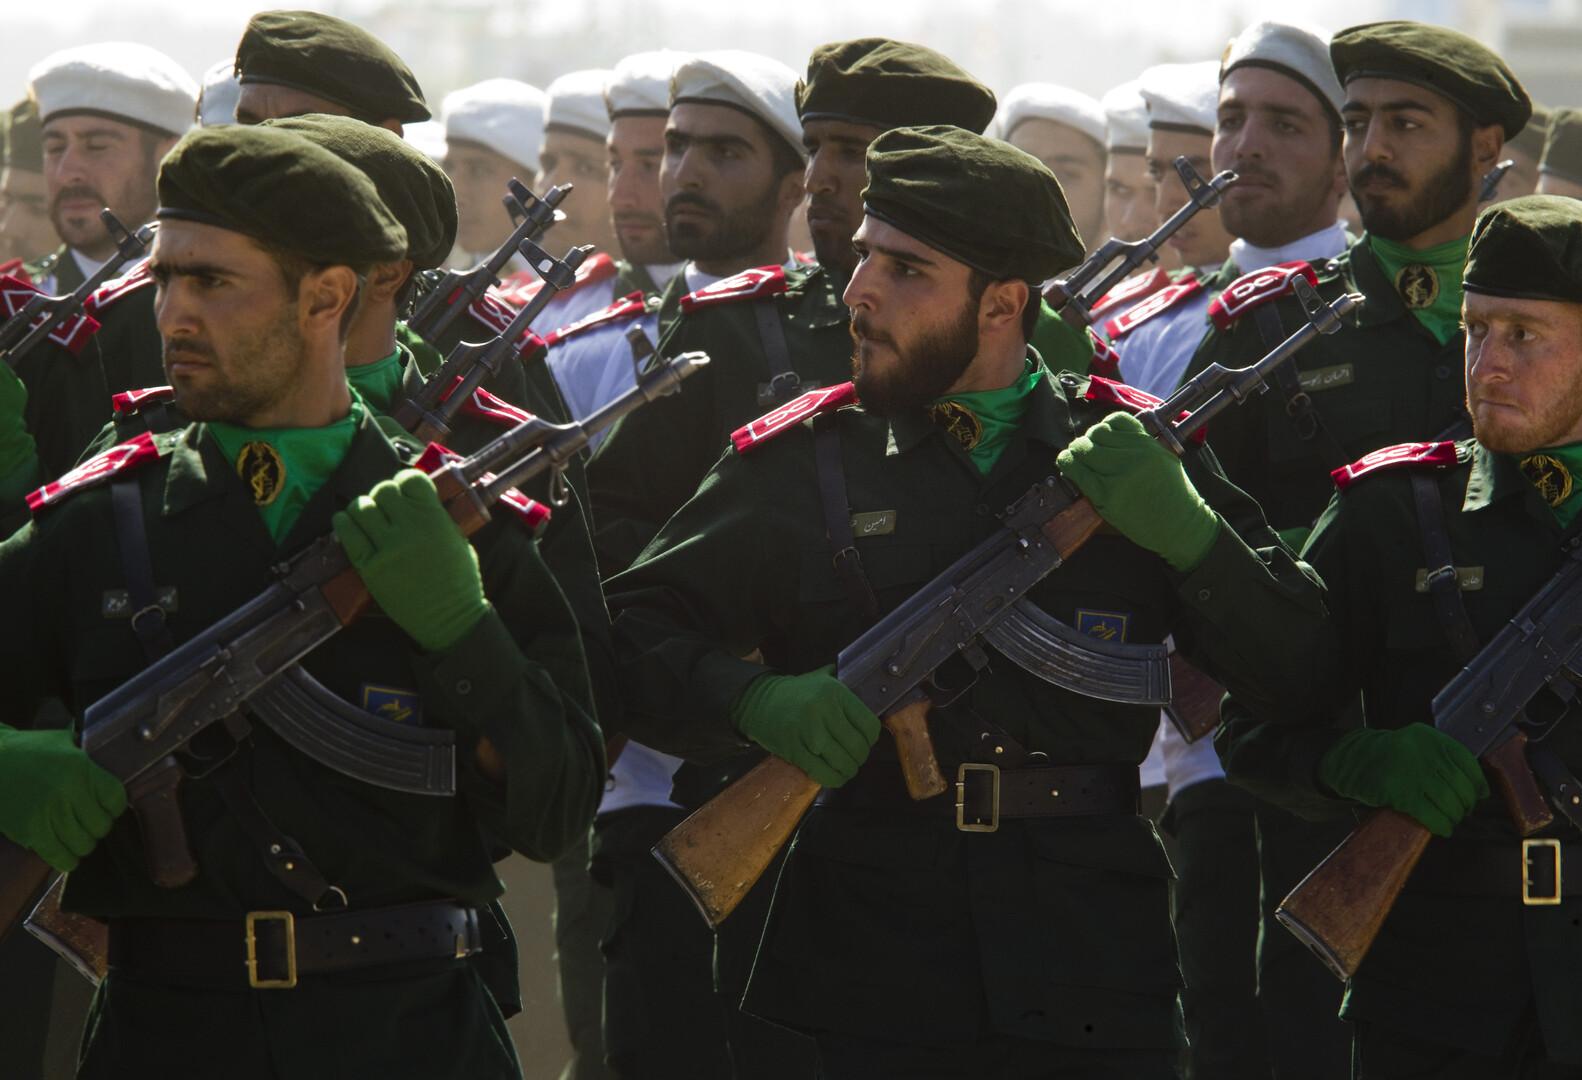 قائد الحرس الثوري الإيراني: أعداؤنا سيدركون قوتنا في ساحات القتال